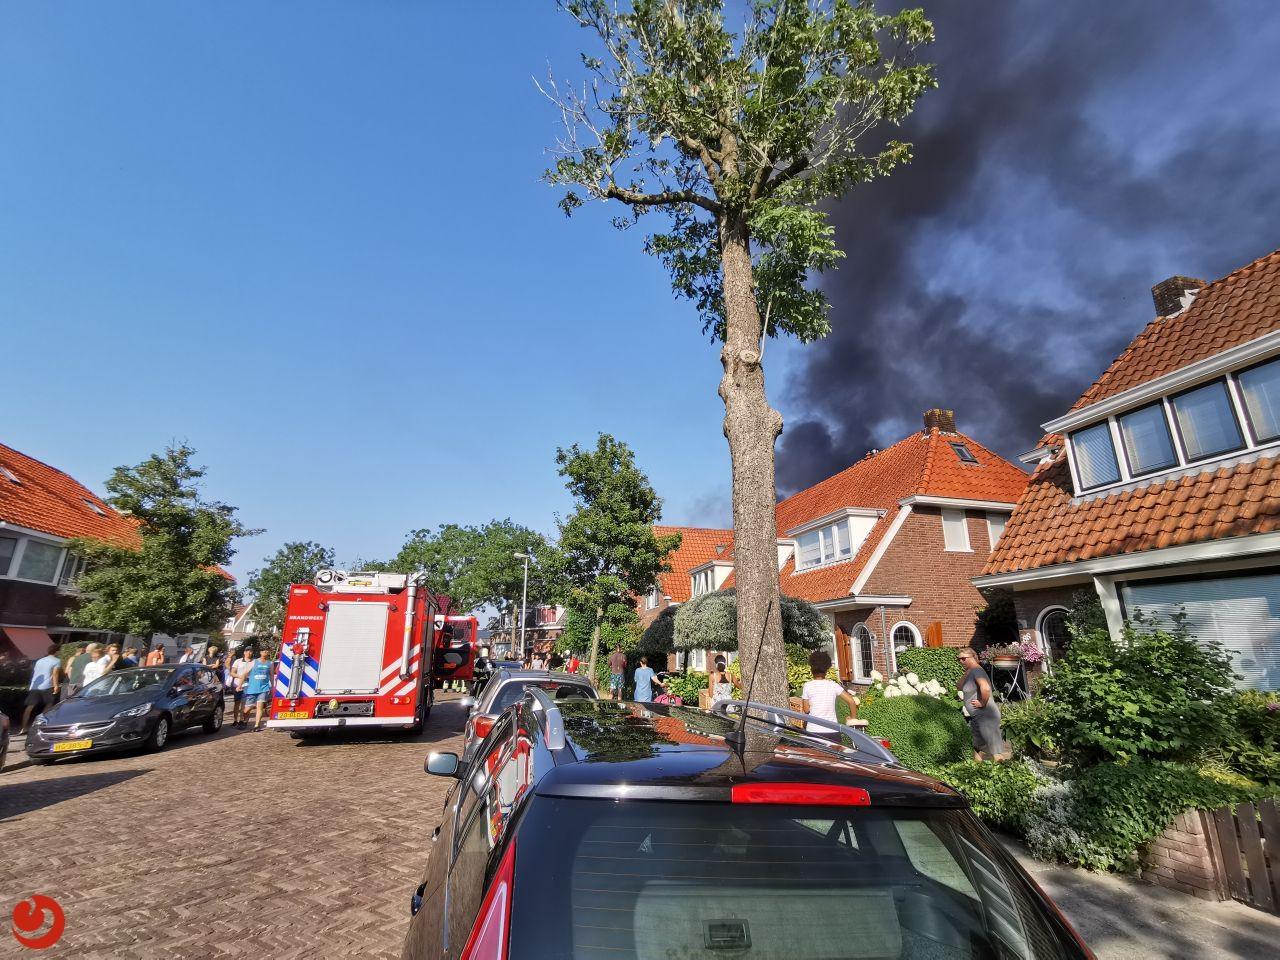 Grote brand bij woning in Leeuwarden